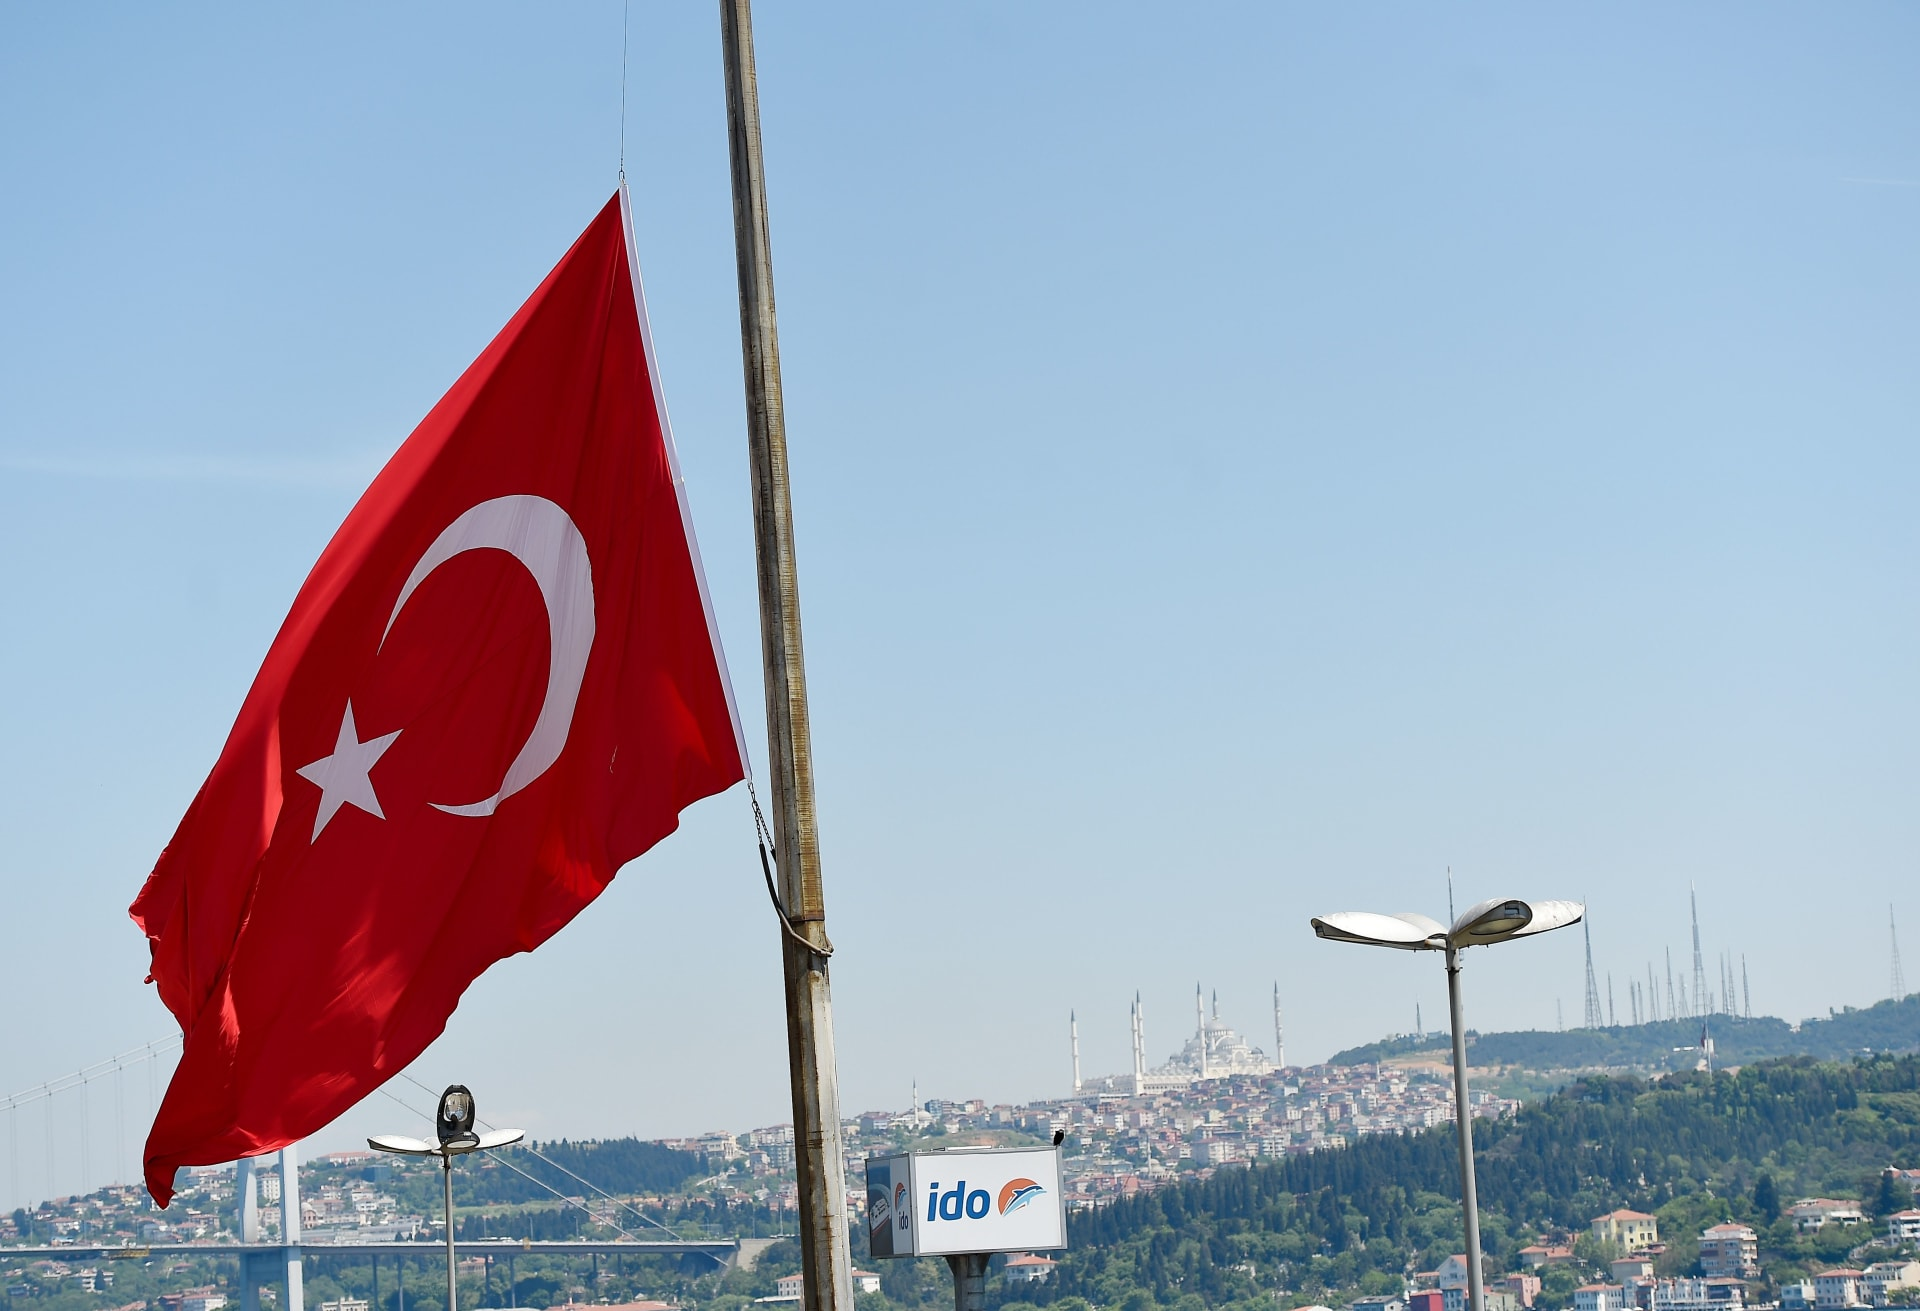 """سفير تركيا لدى واشنطن يرد على مقال أمريكي وصف أنقرة بـ""""التطرف"""" ومصر والسعودية والإمارات بـ""""الاعتدال"""""""